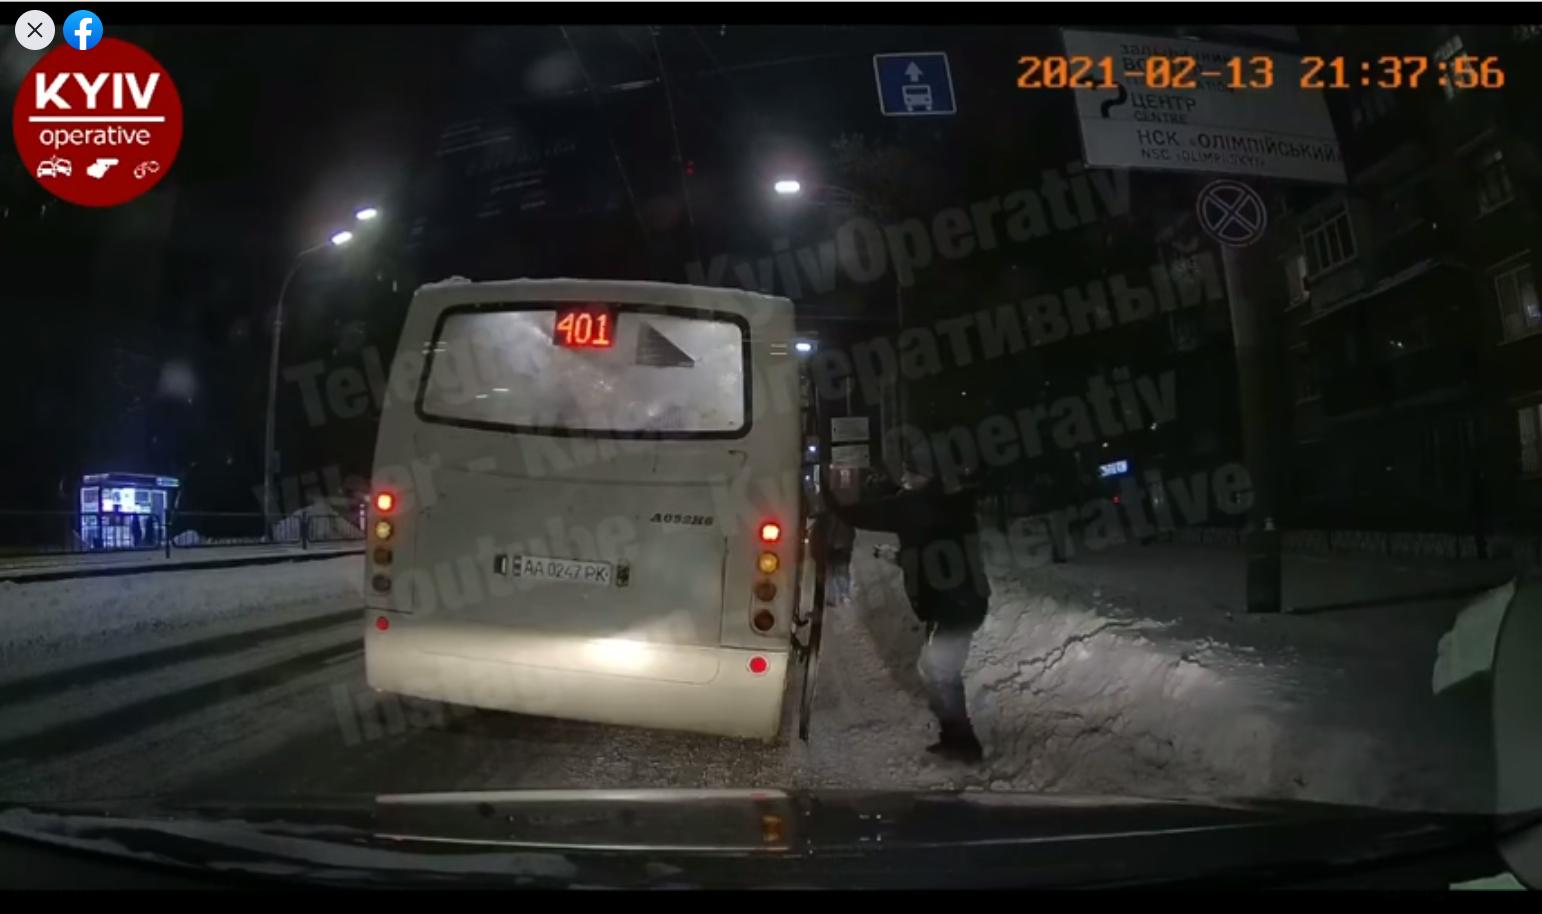 У Києві двох пасажирів виштовхнули з автобуса - пасажири, алкогольне сп'яніння, автобусний маршрут - Bezymyannyj 10